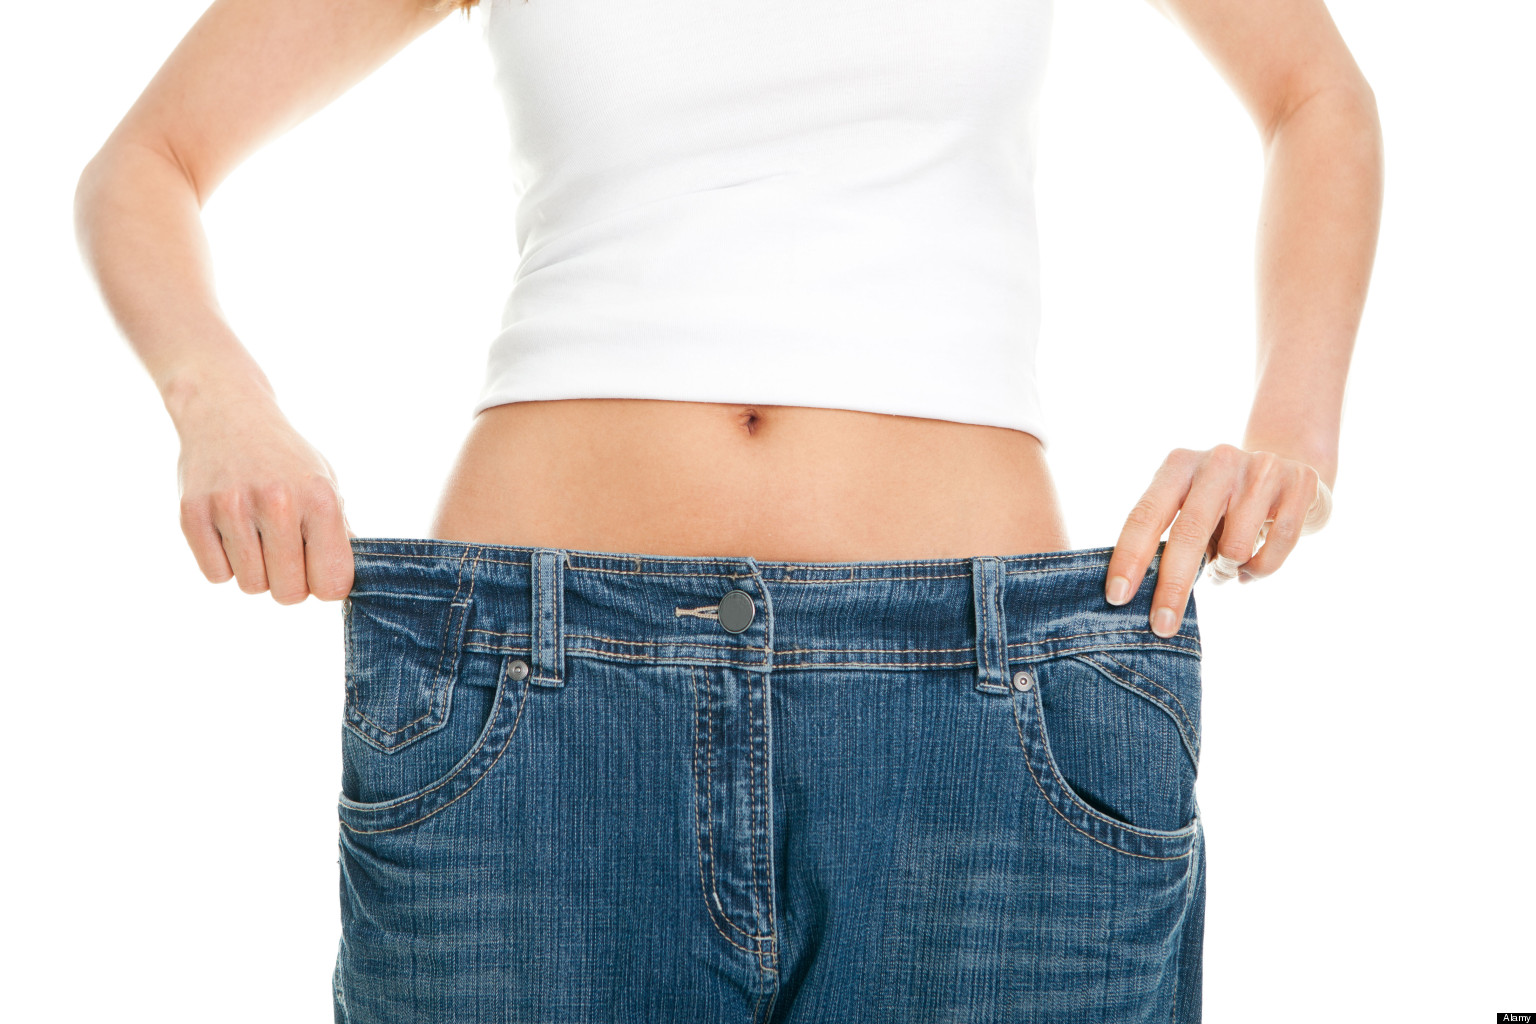 cum sa slabesti 30 kg 5 htp slimming